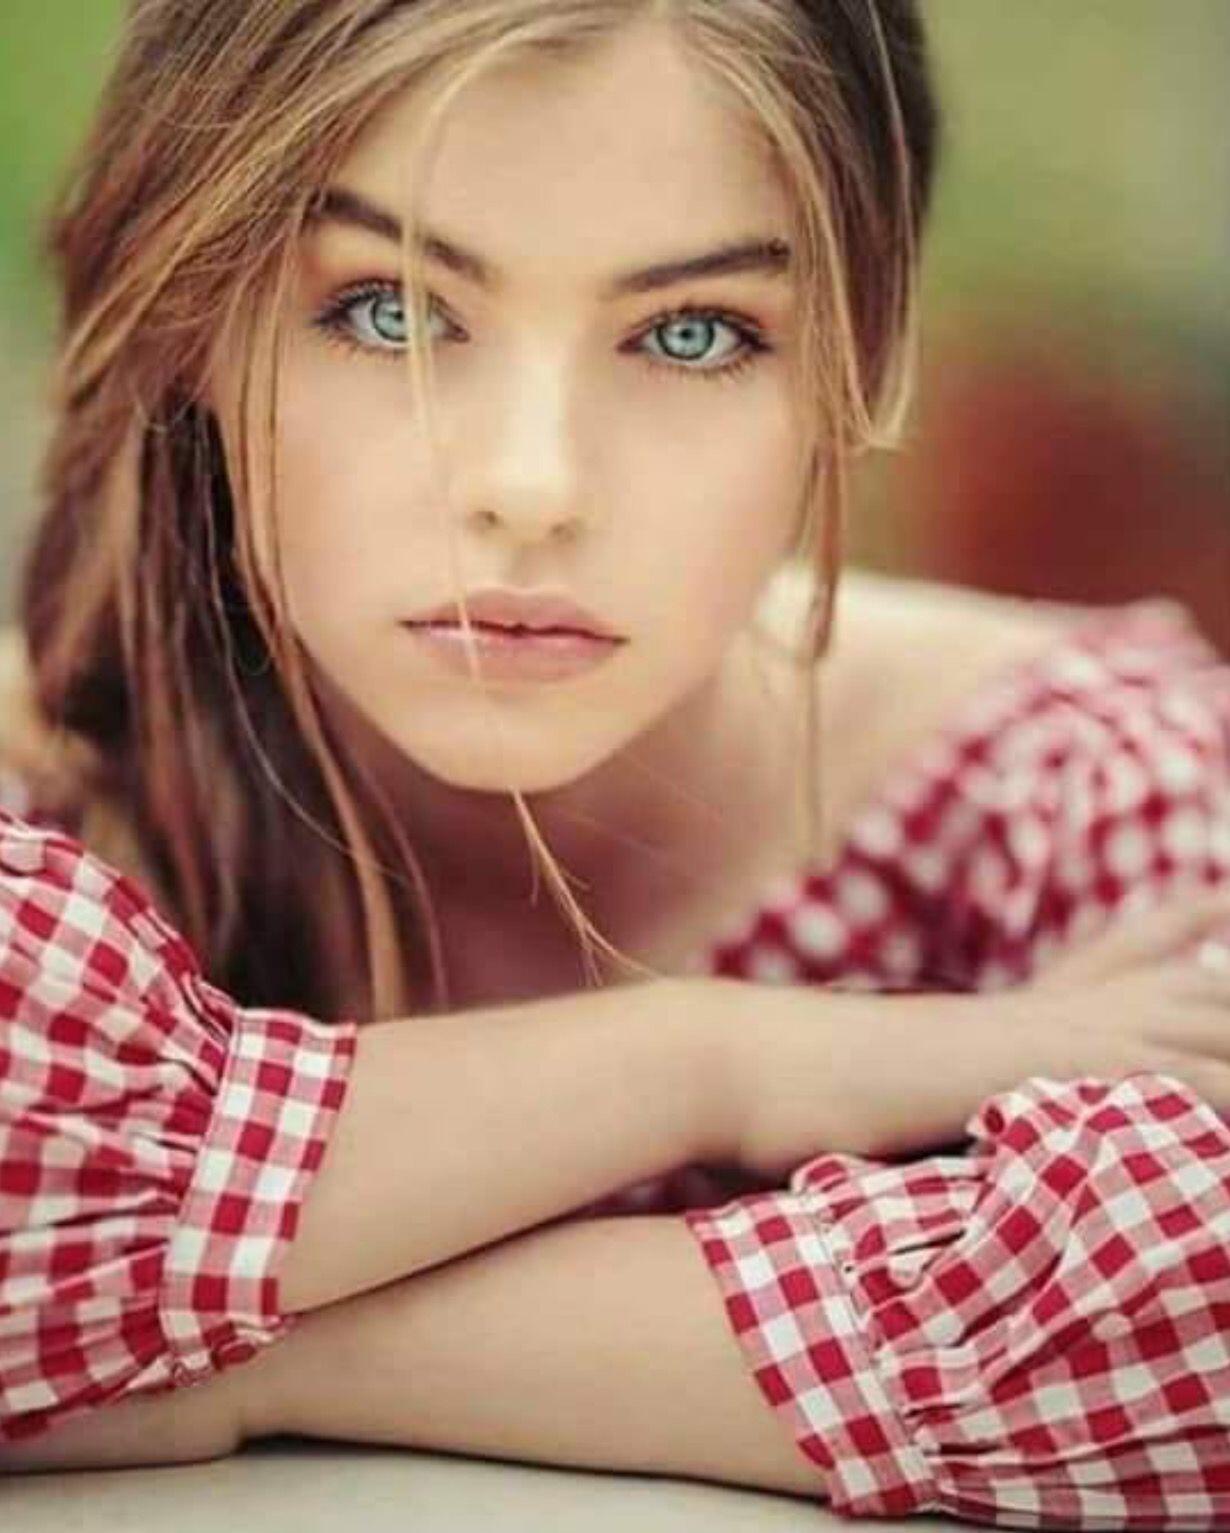 красота женского тела мнения мужчин